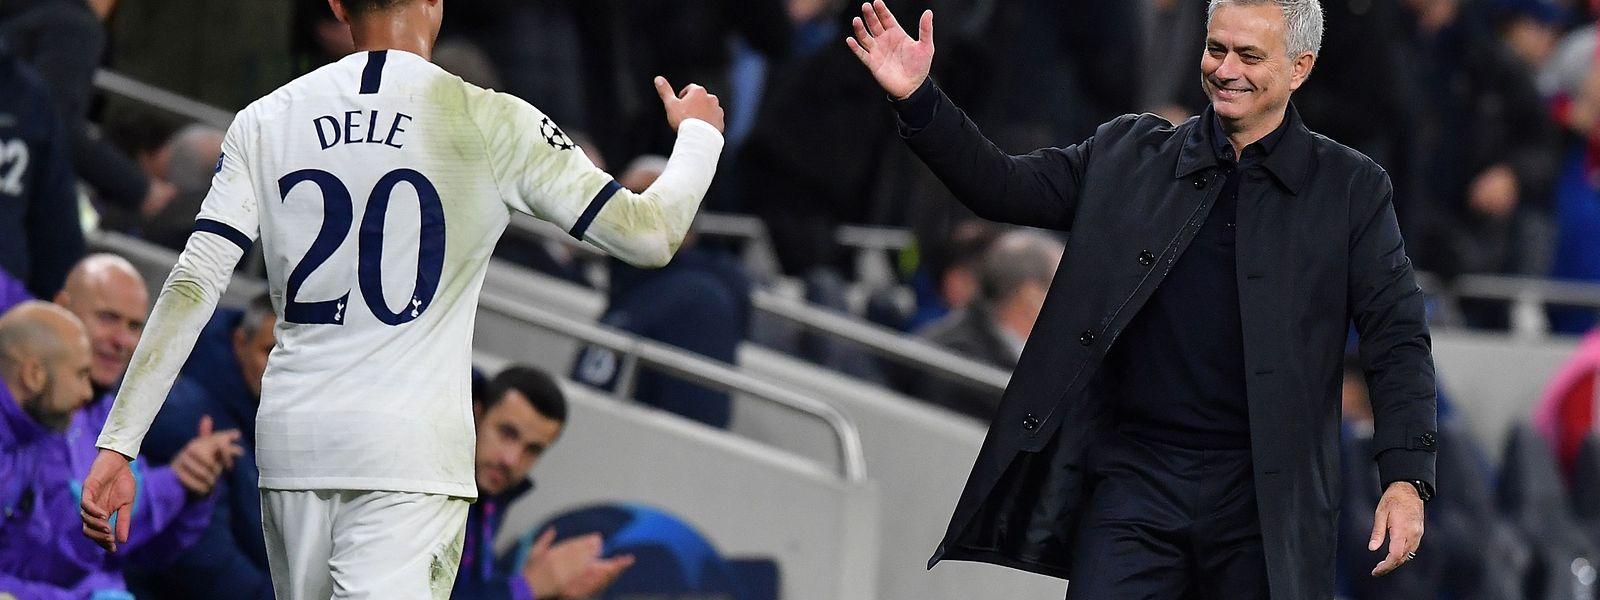 José Mourinho salue Dele Alli lors de sa sortie contre l'Olympiakos